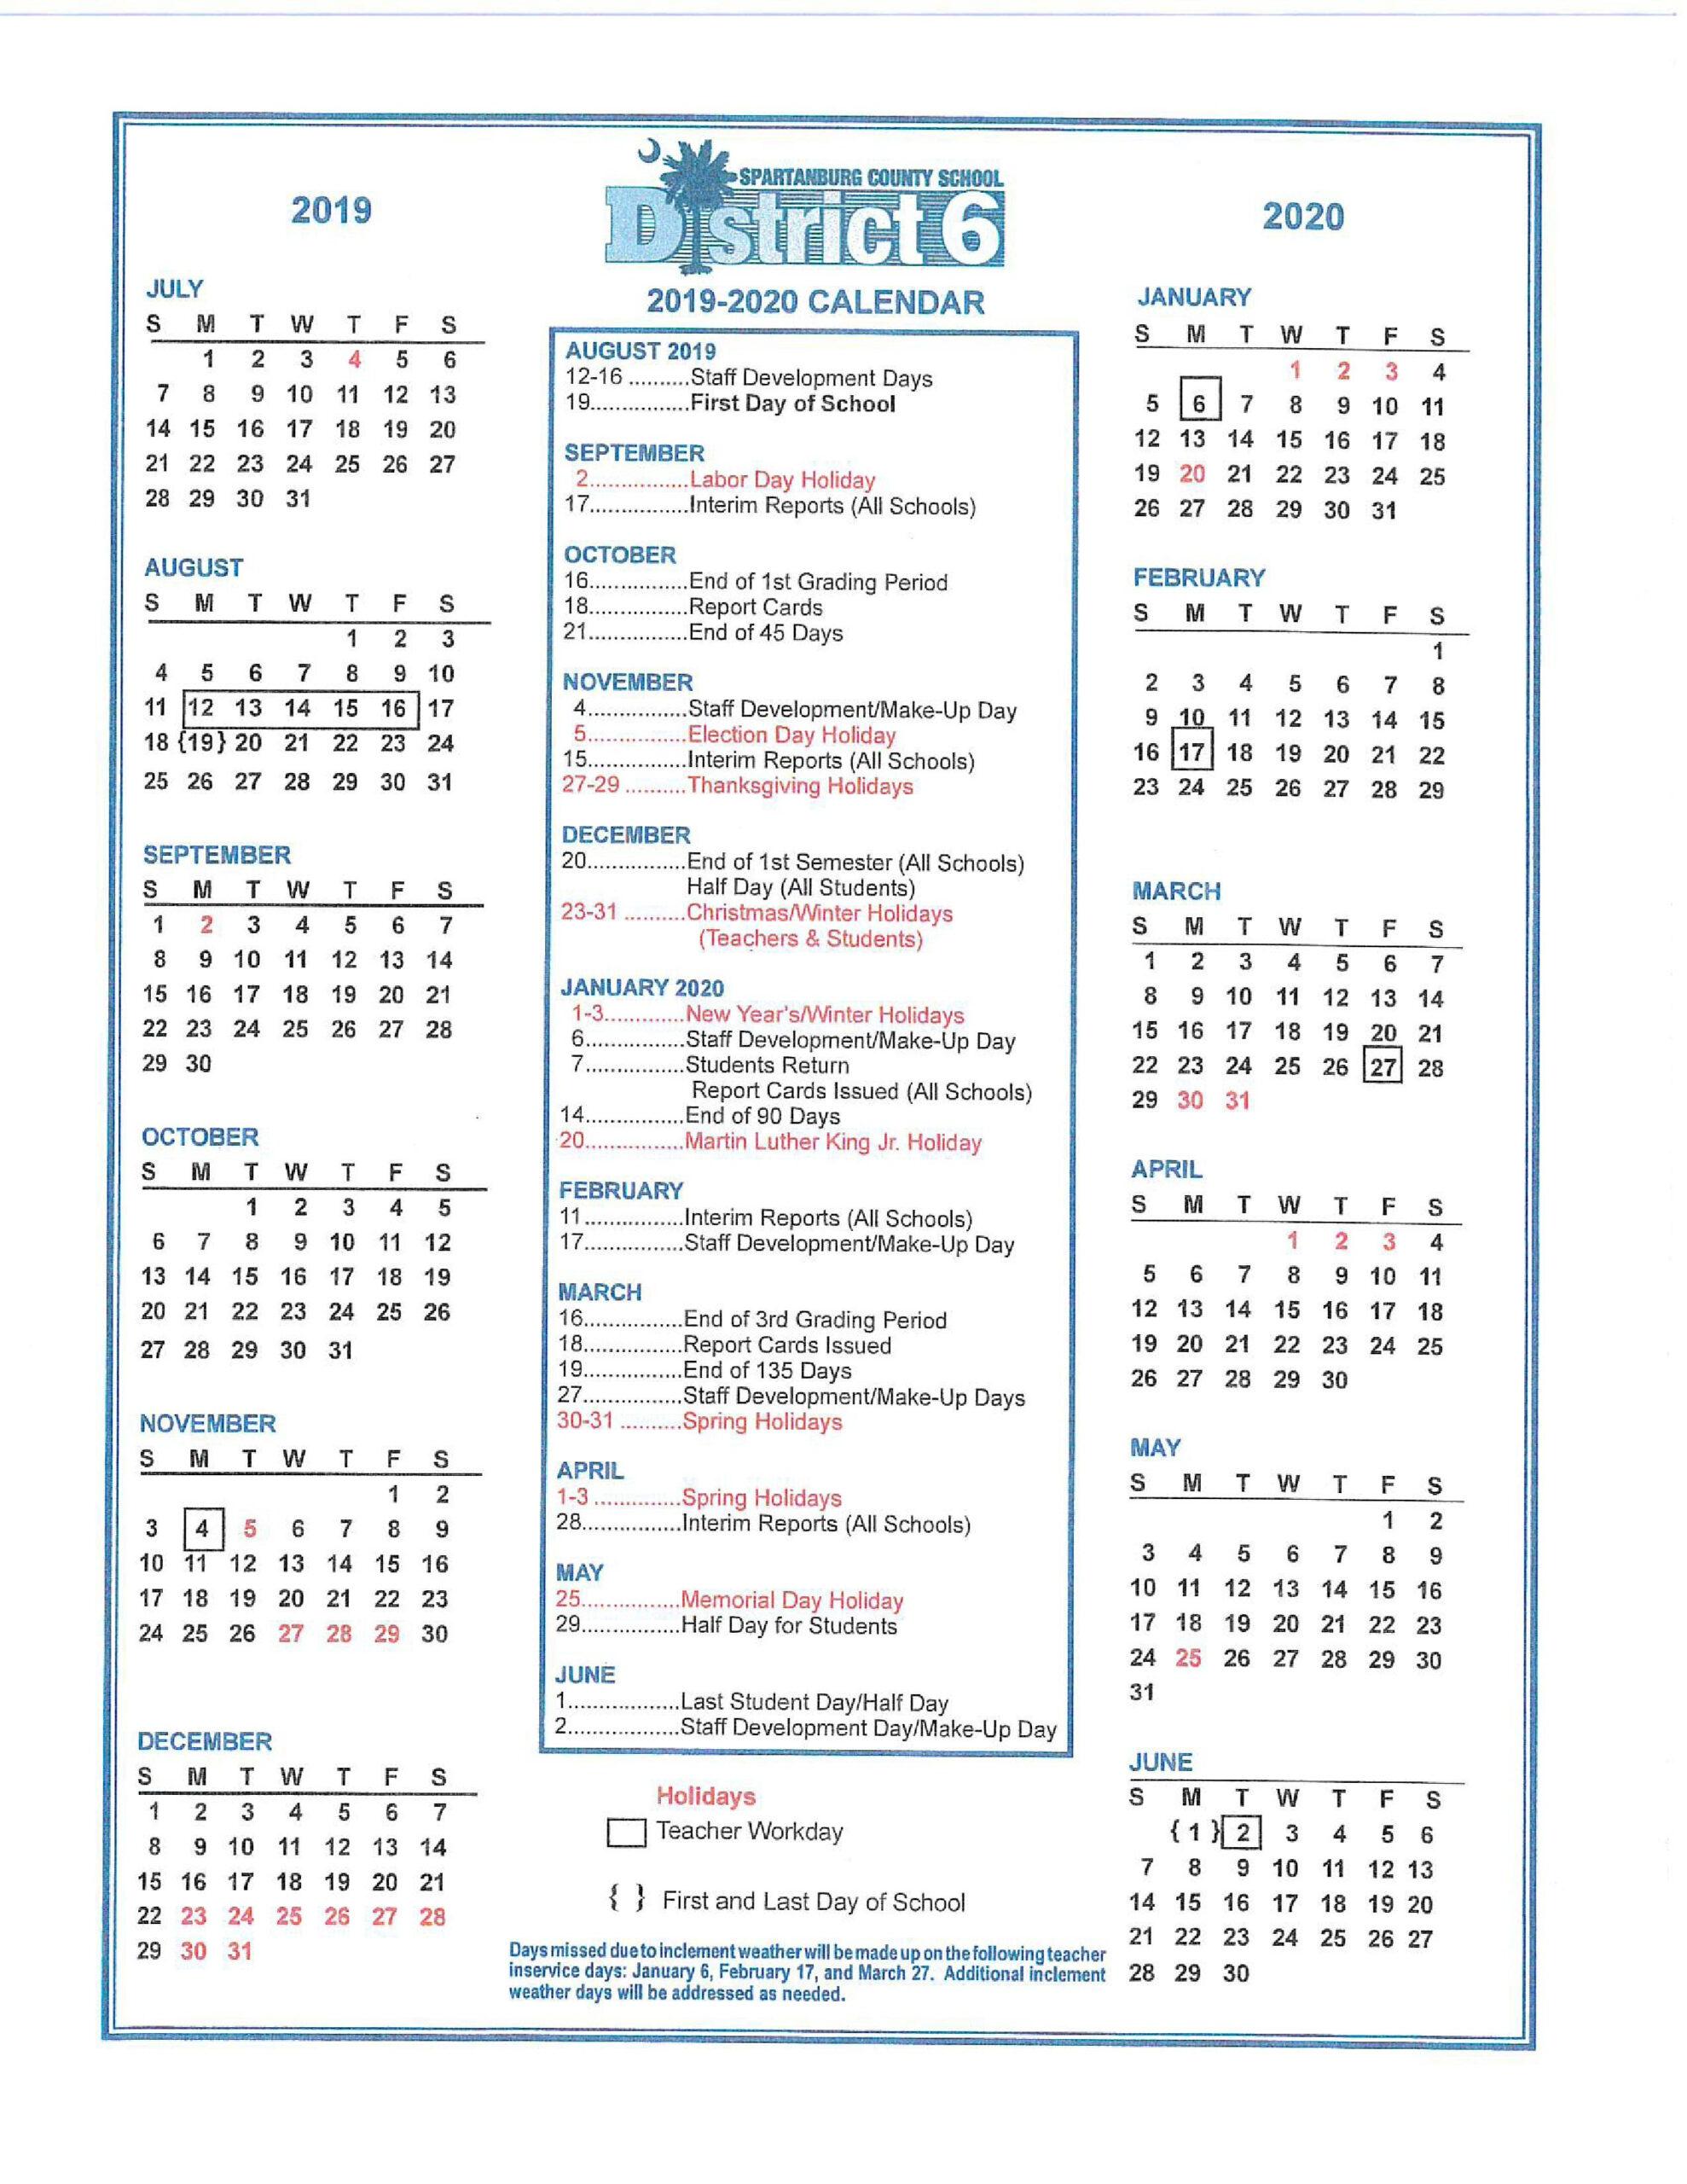 Fairforest Elementary in Spartanburg School District 3 Calendar